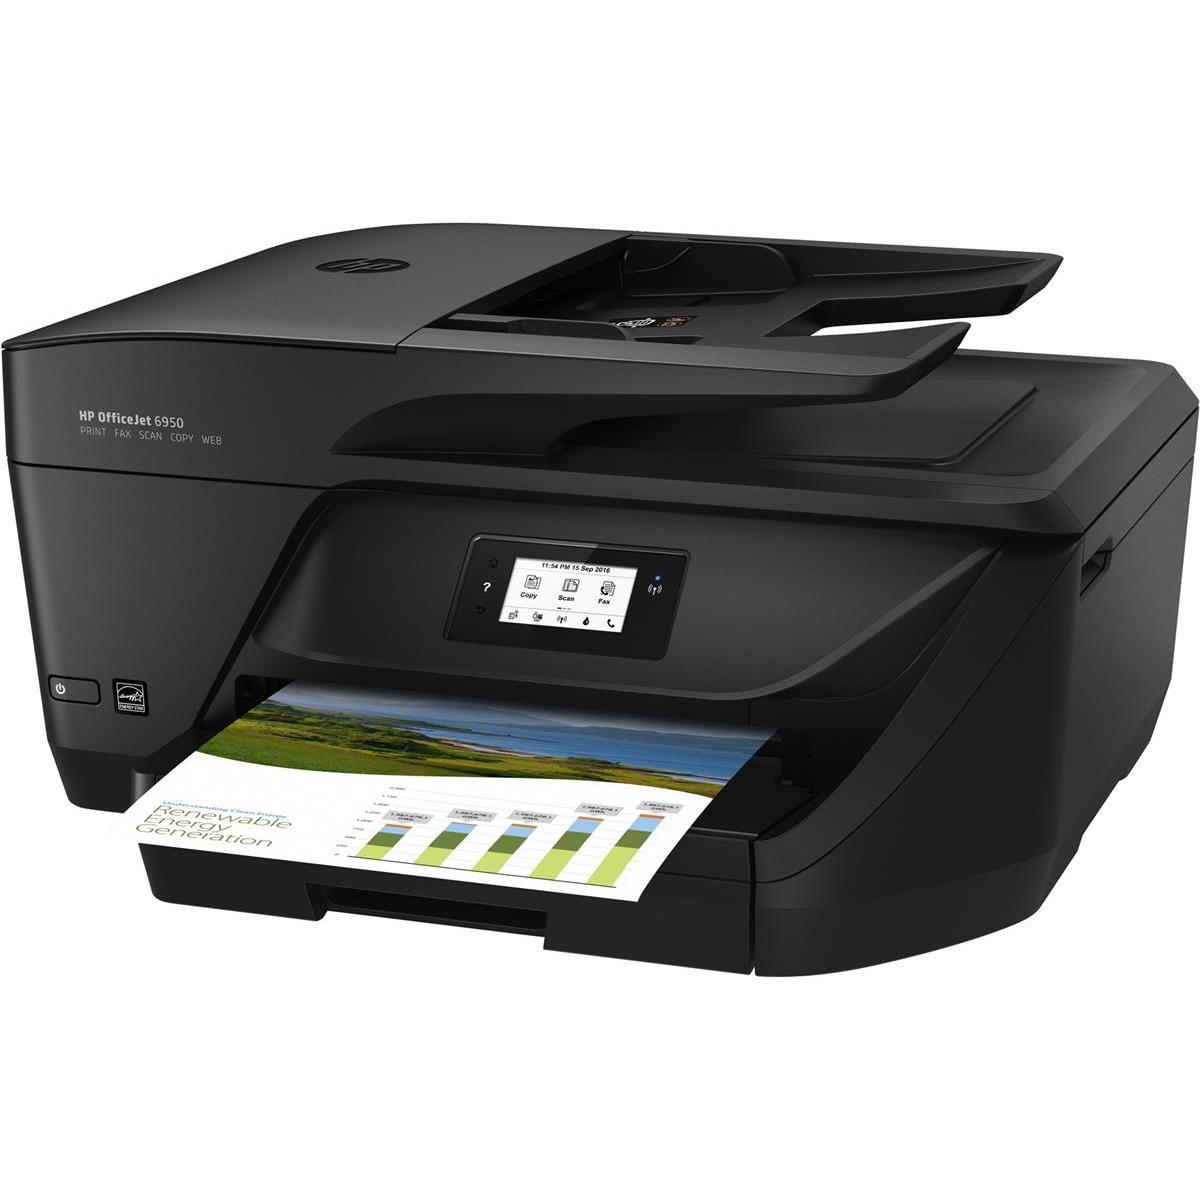 HP Officejet 6950 Inkjet Multifunction Printer